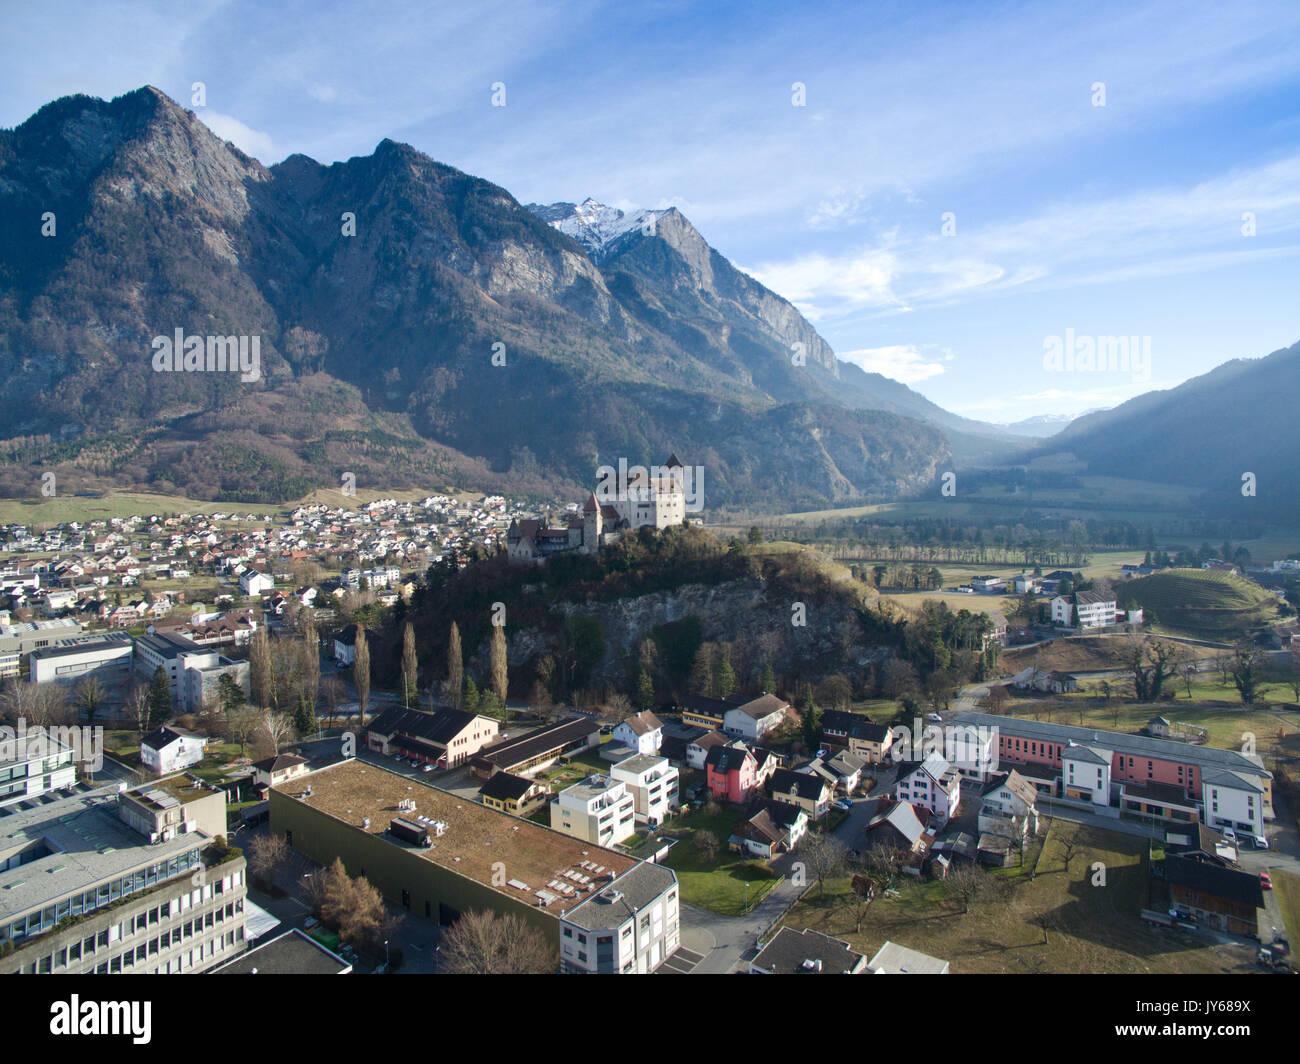 Luftaufnahme der Burg Gutenberg bei Balzers im Fürstentum Liechtenstein *** Local Caption *** Castle Gutenberg, Stock Photo